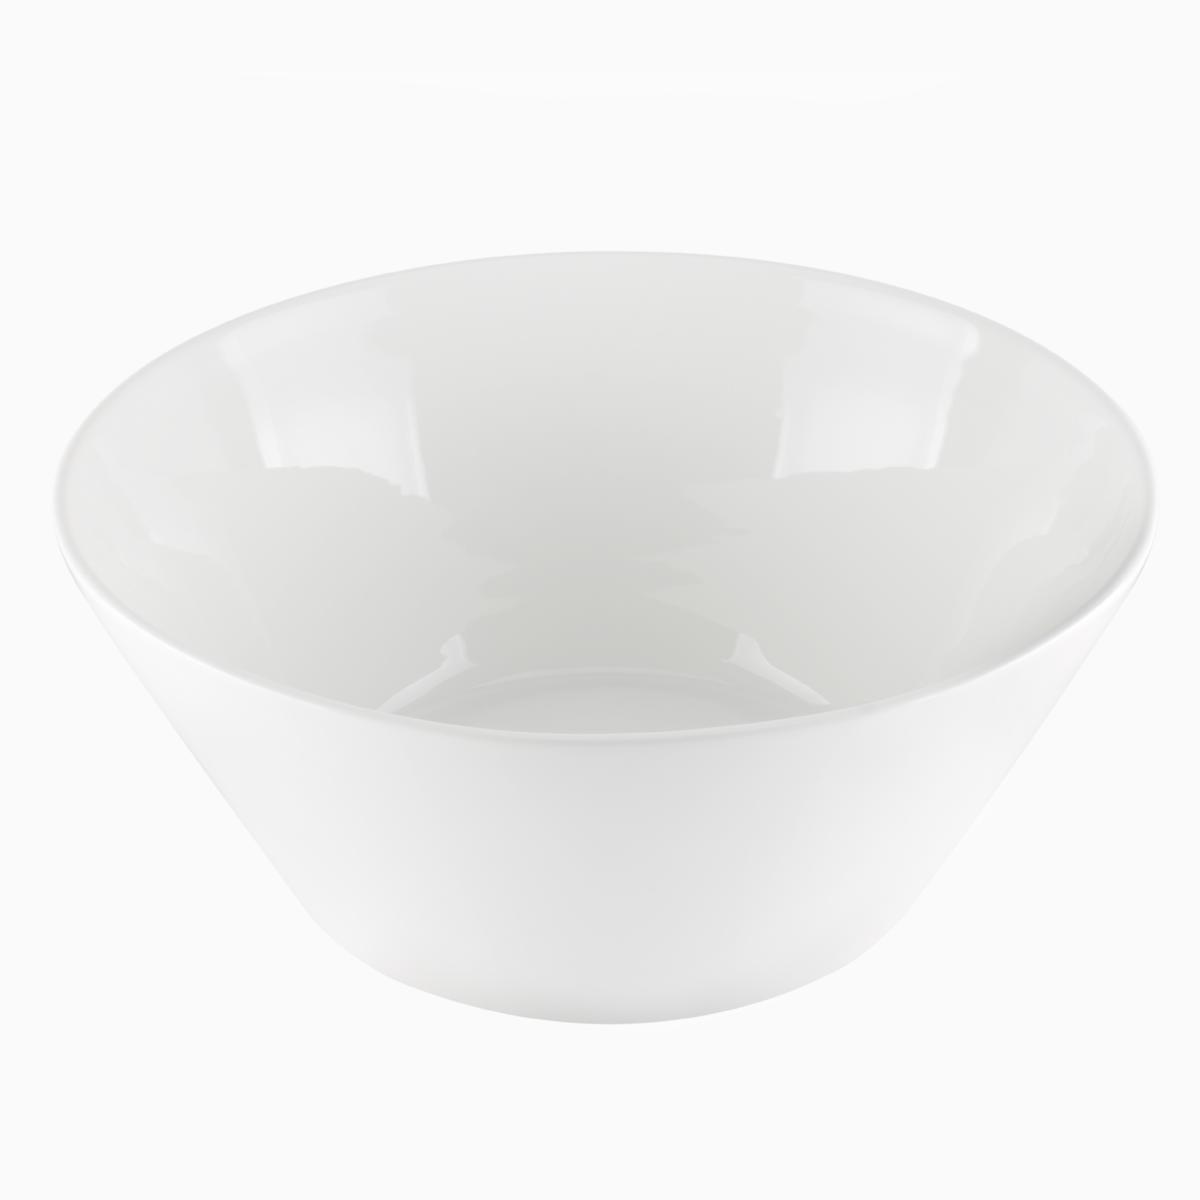 Miska - Conical